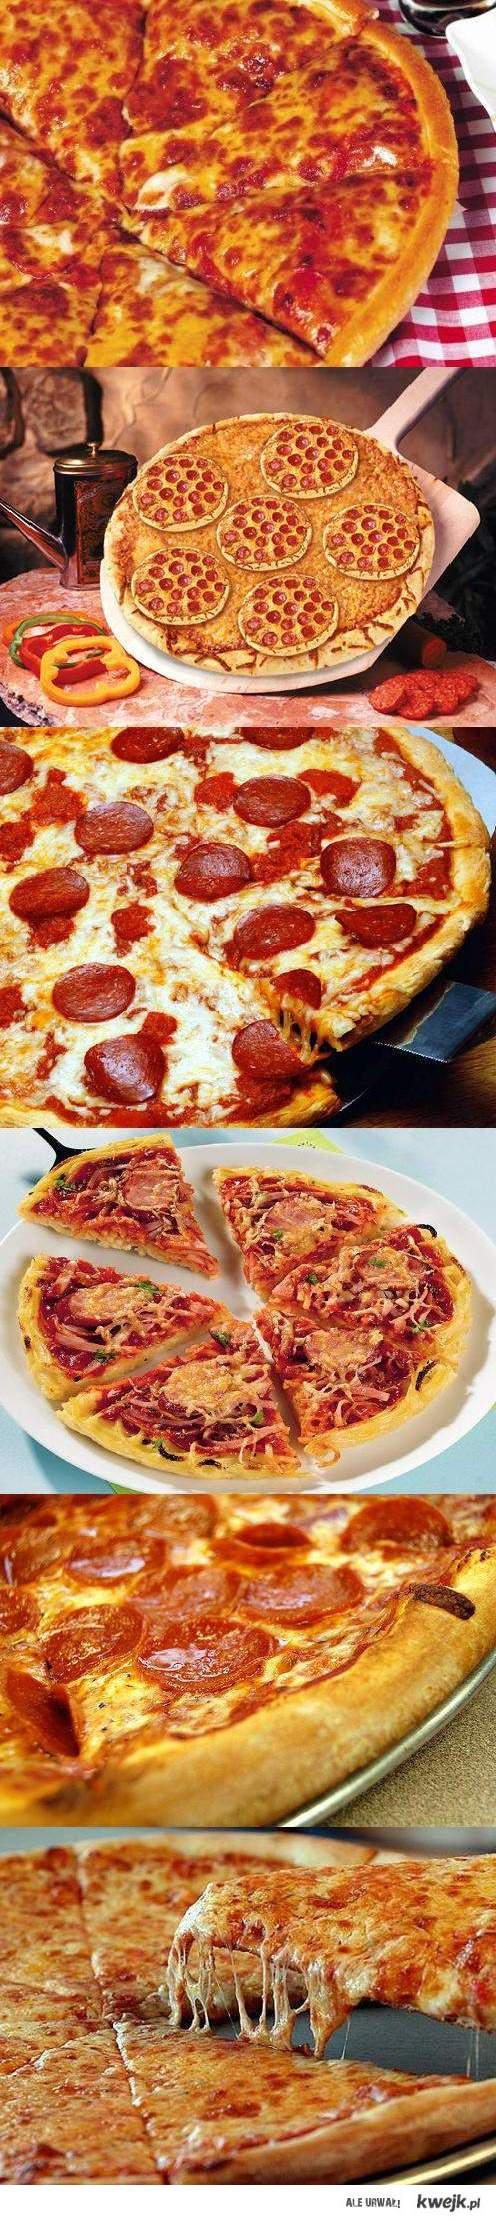 pizzaa ;D